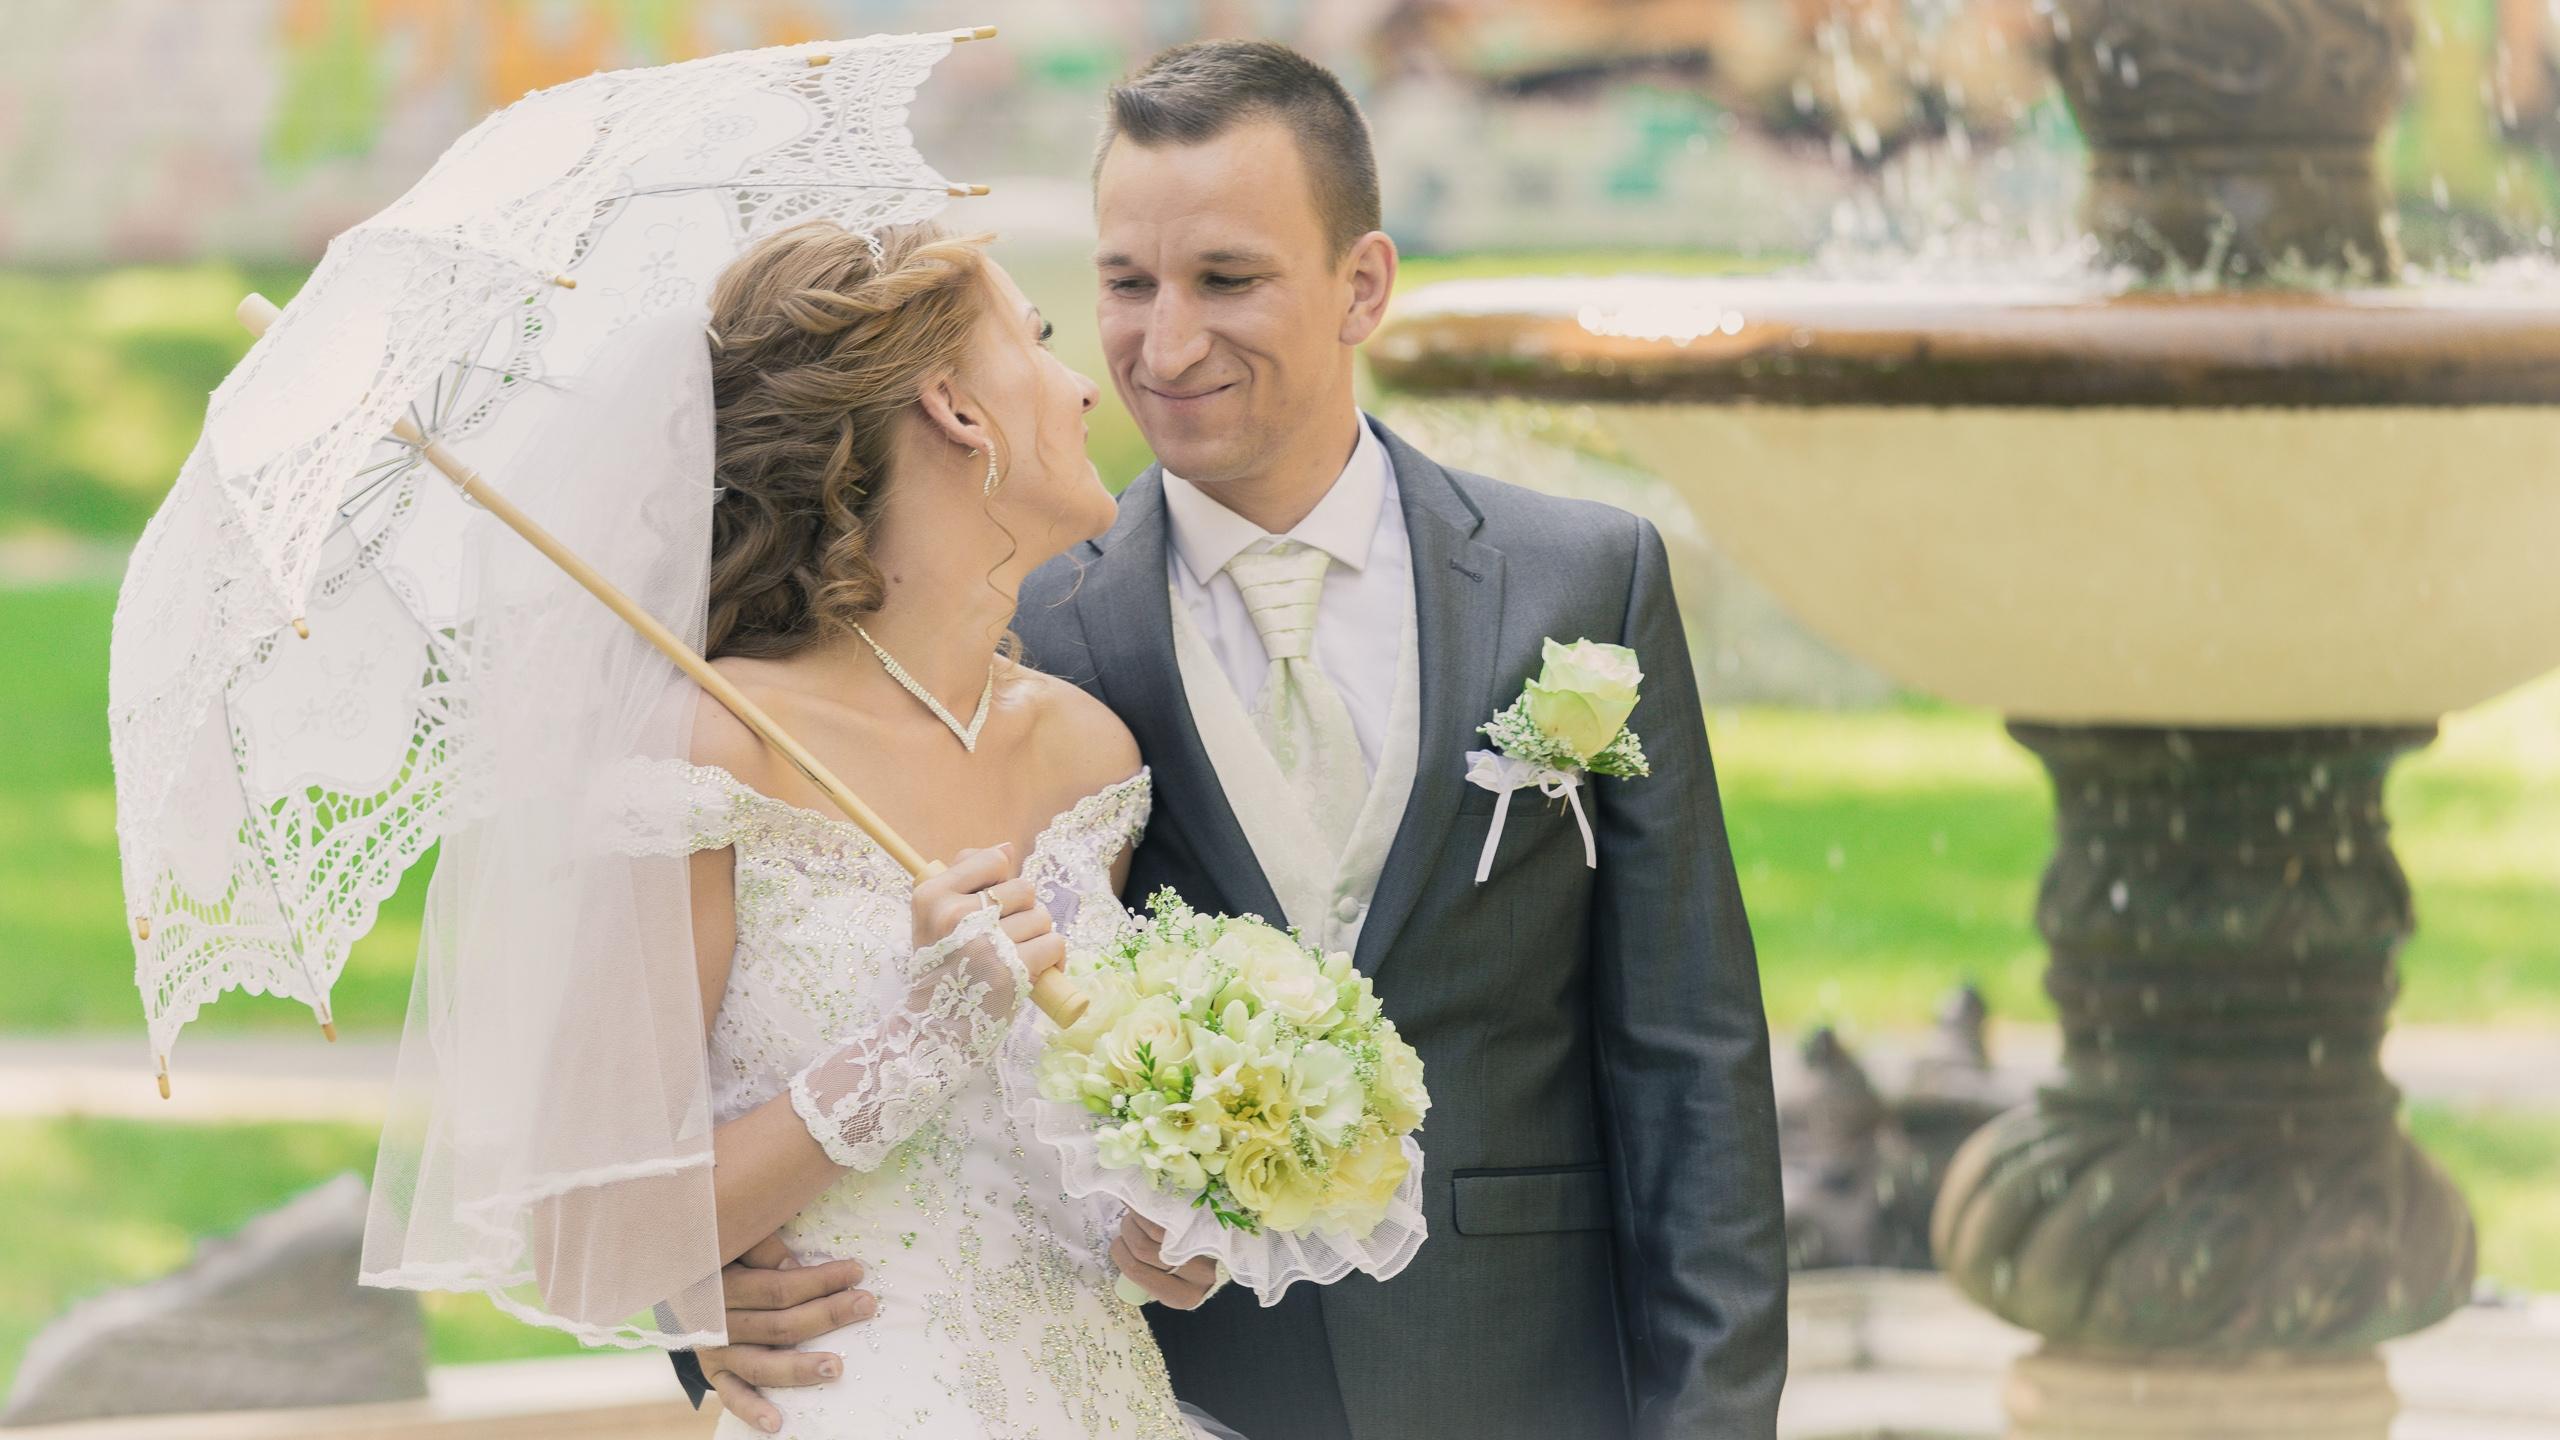 Zsolt Miseta wedding photo (@bestphoto4ucom) Cover Image